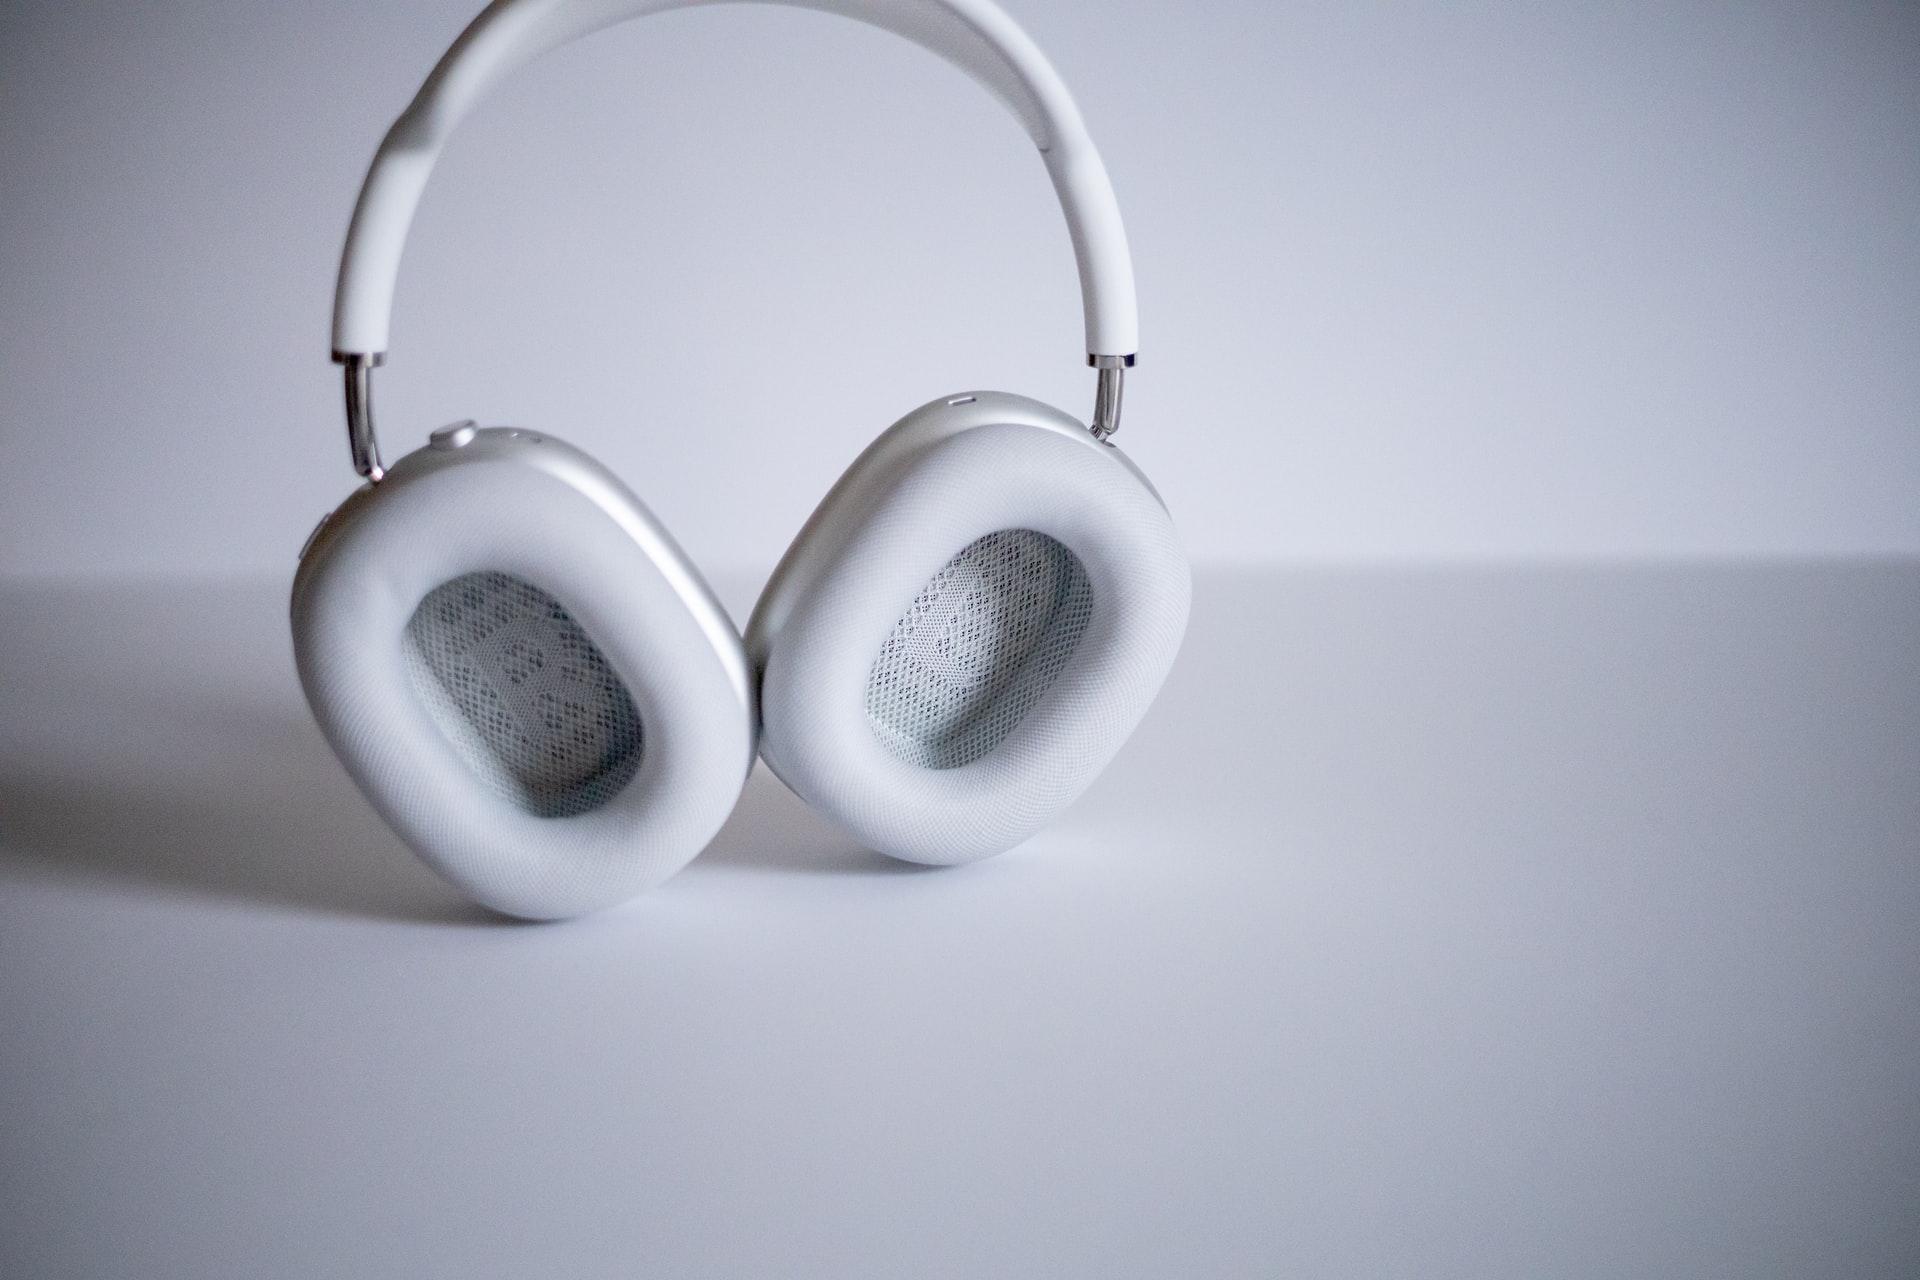 Apple Musicを高音質にする設定方法|空間オーディオ・ハイレゾロスレスなど